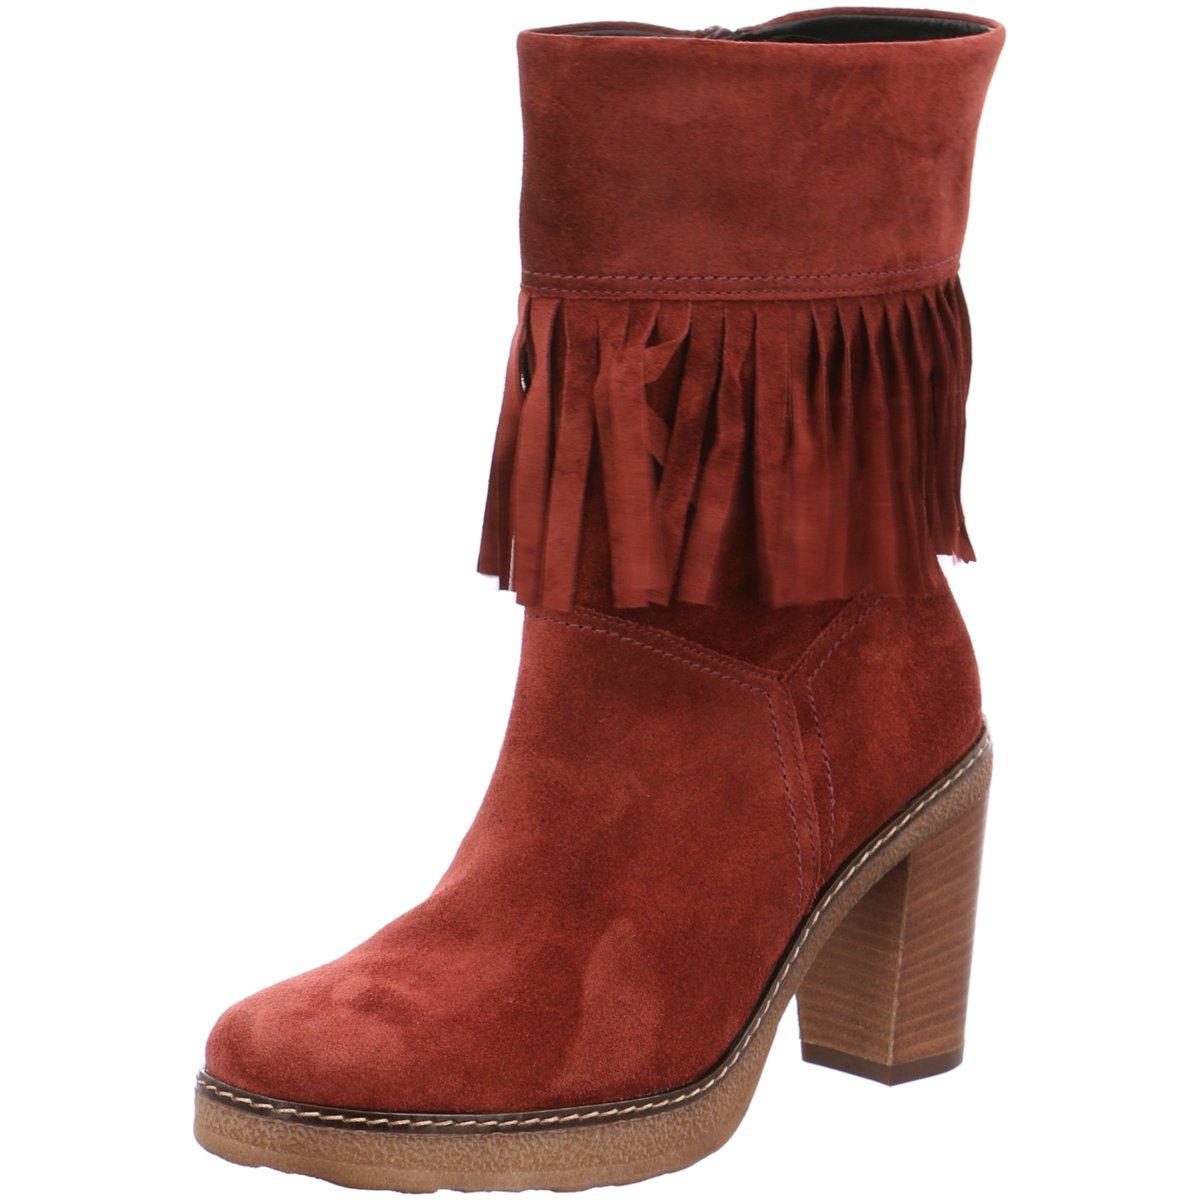 Gabor Shoes Damen Stiefel & Stiefeletten